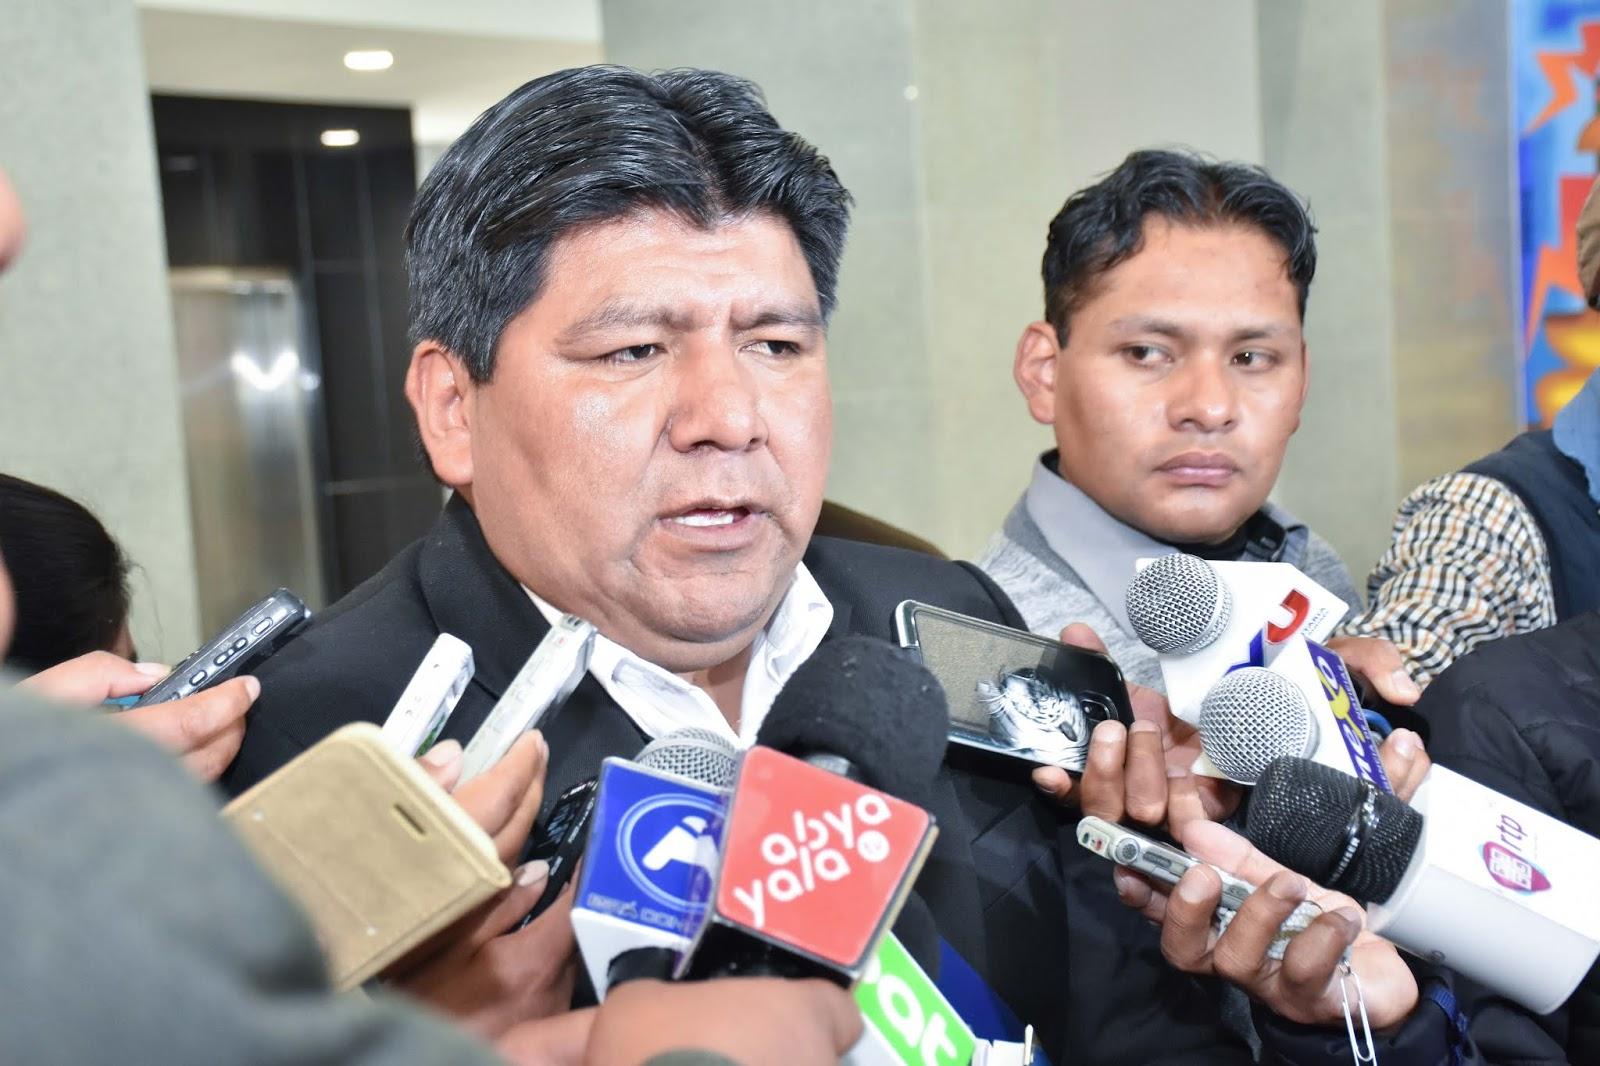 Medrano logró cita con Morales luego de las movilizaciones de abril y mayo / ABI